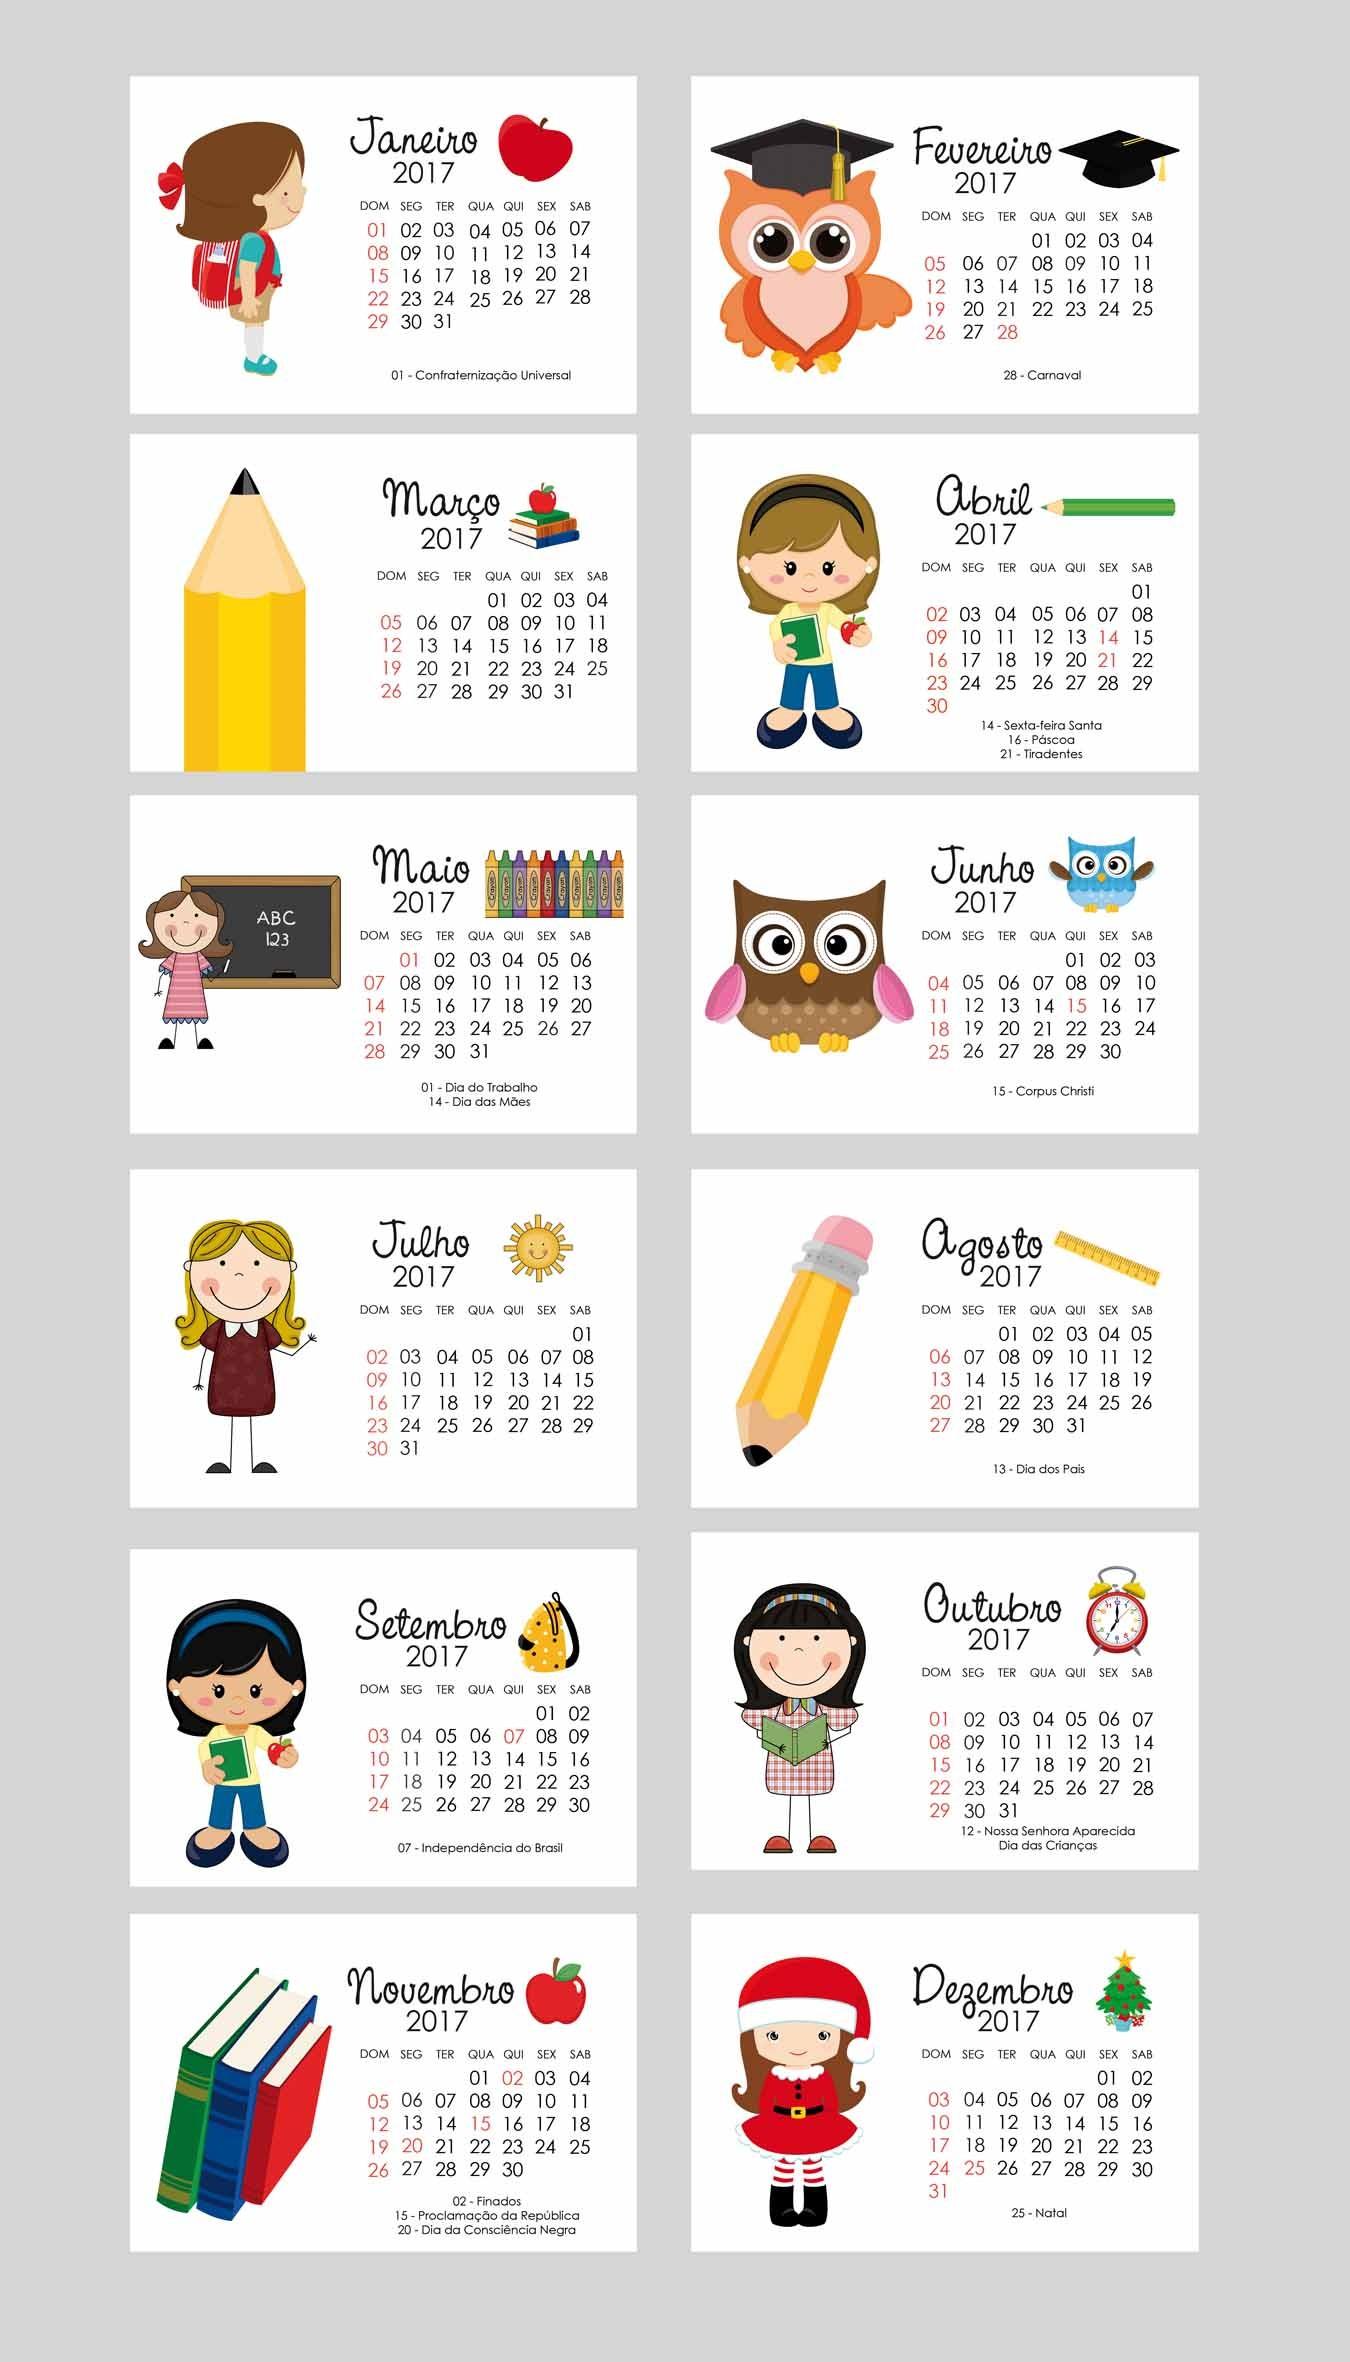 Calendário 2019 Com Feriados Nacionais Más Recientemente Liberado Tag Dia Das Maes 2016 Calendario Of Calendário 2019 Com Feriados Nacionais Más Caliente Calendrio Para Imprimir Outubro 2017 Feriados Pblicos No Brasil